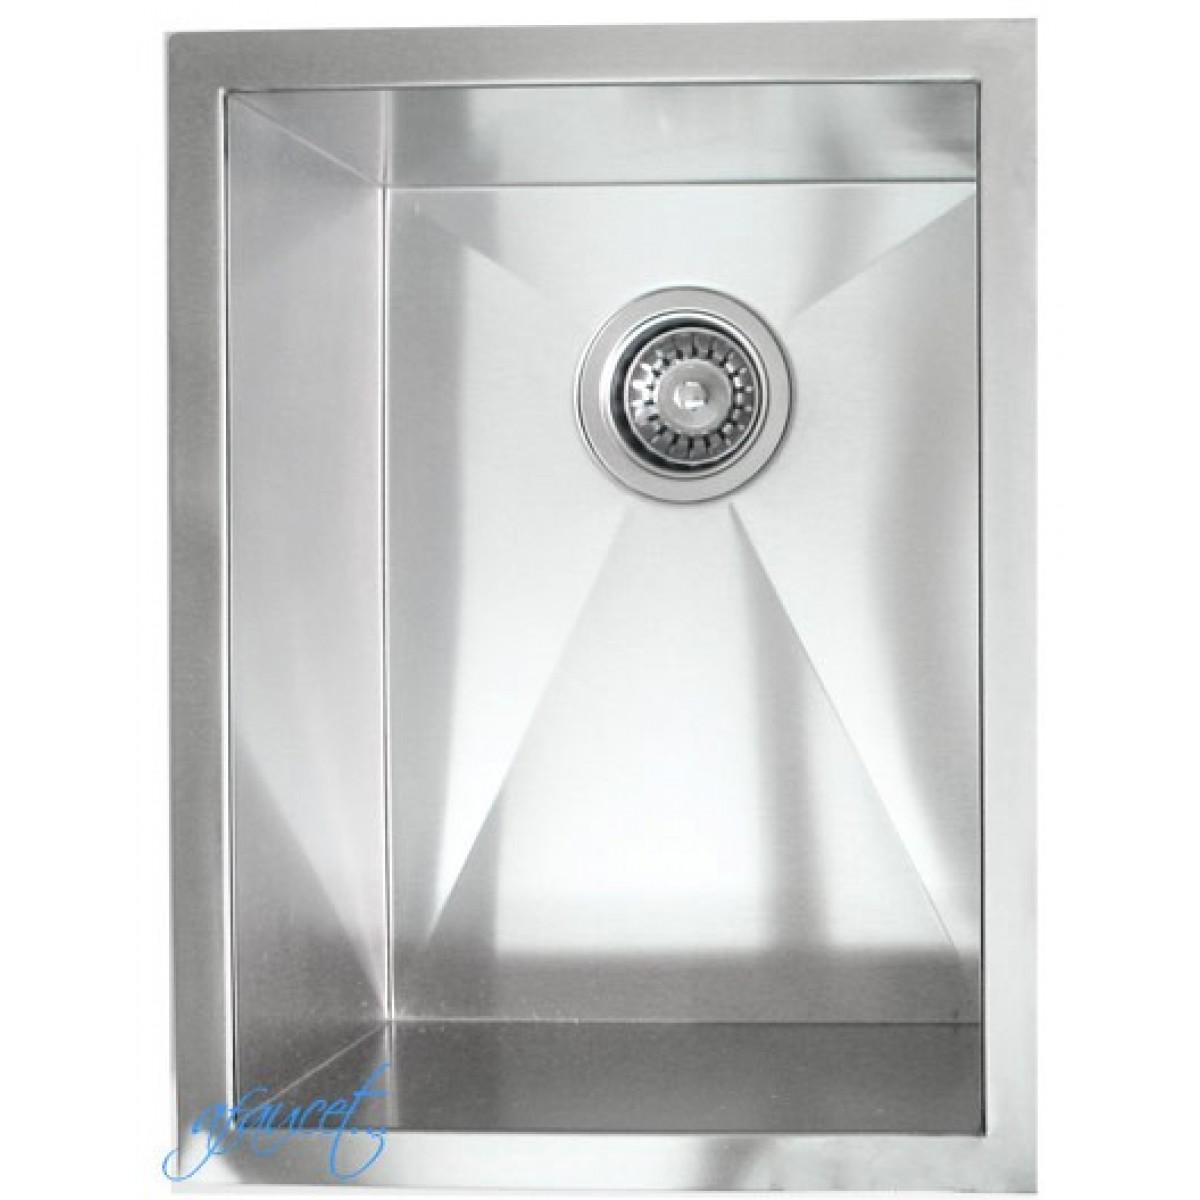 15 Inch Stainless Steel Undermount Single Bowl Kitchen / Bar / Prep ...